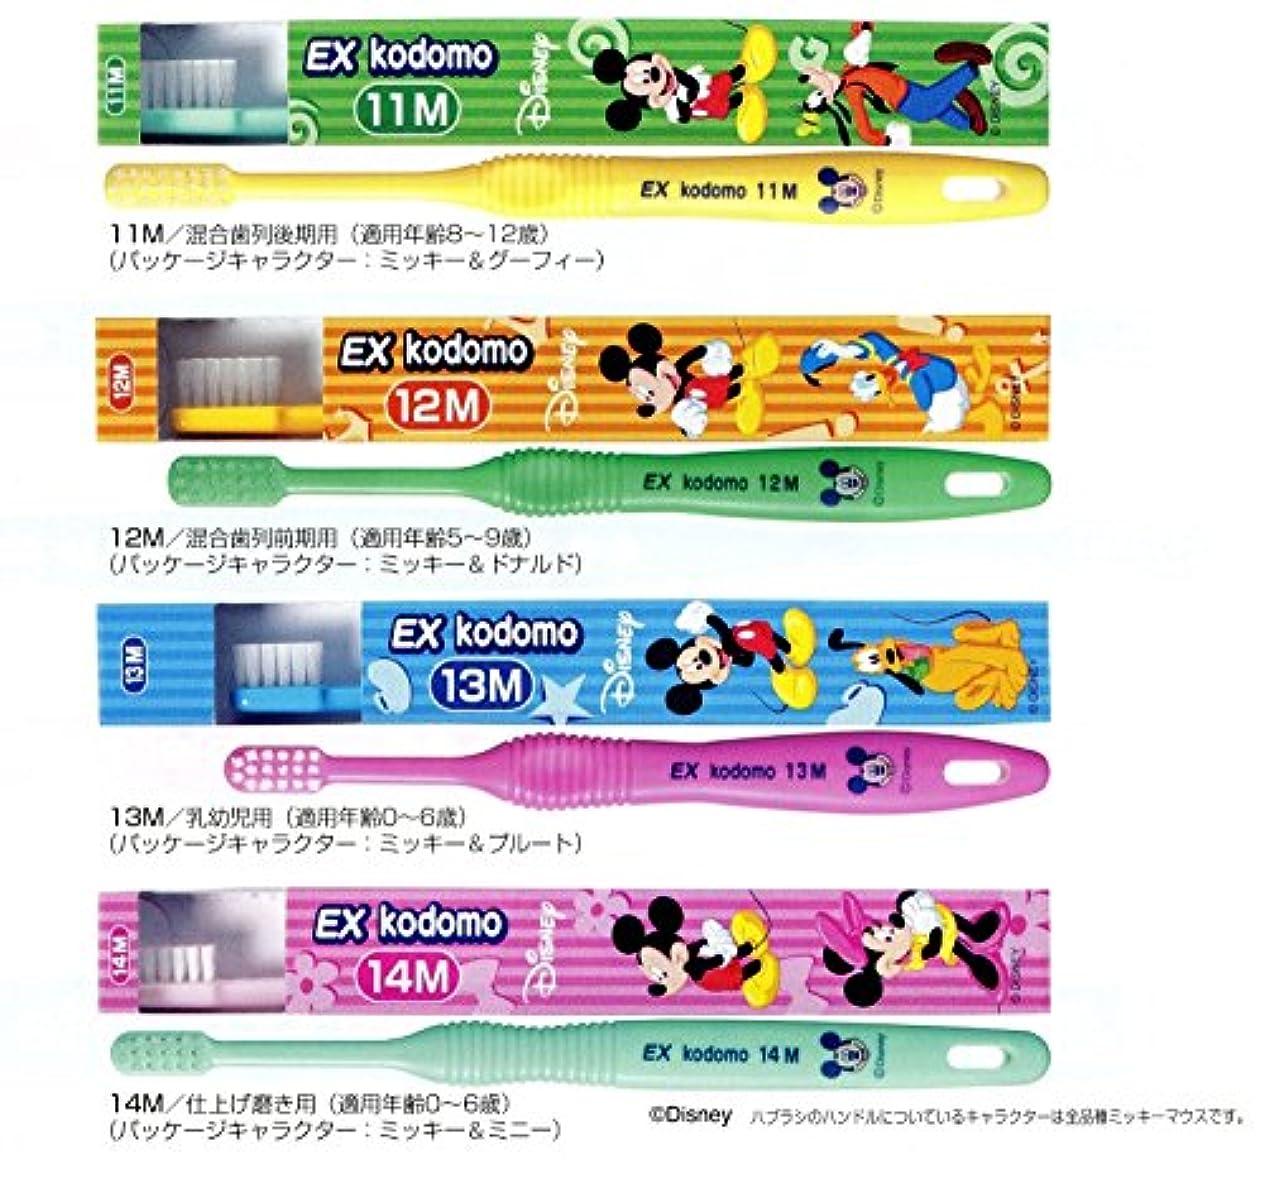 突撃ワイド手書きライオン コドモ ディズニー DENT.EX kodomo Disney 1本 11M グリーン (8?12歳)